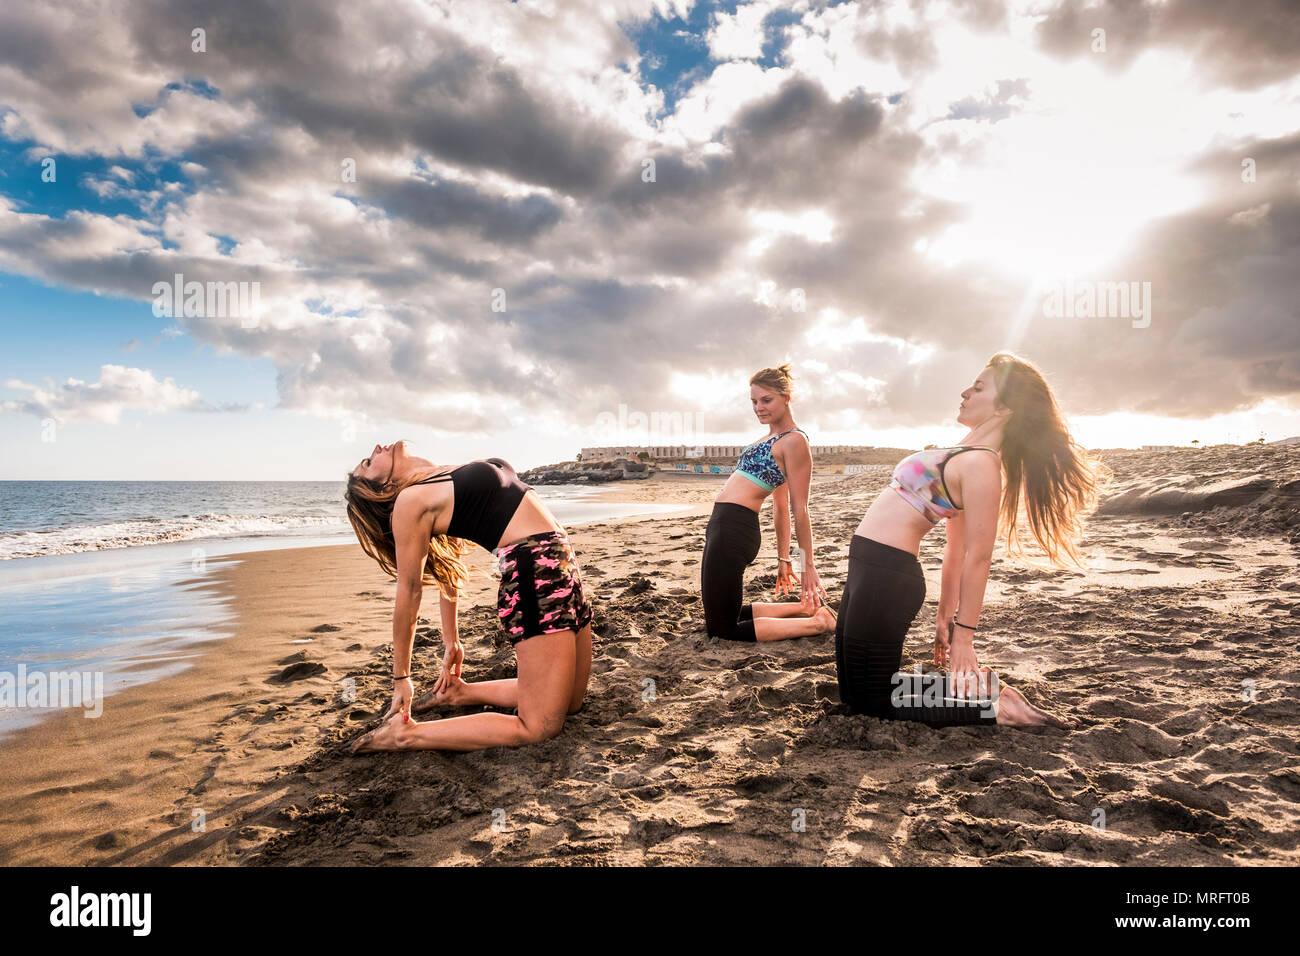 Clases de pilates y lección para el grupo de gente en la playa. Tres jóvenes bella modelo mujeres haciendo fitness en la costa cerca de la maravilla al agua de mar. Imagen De Stock